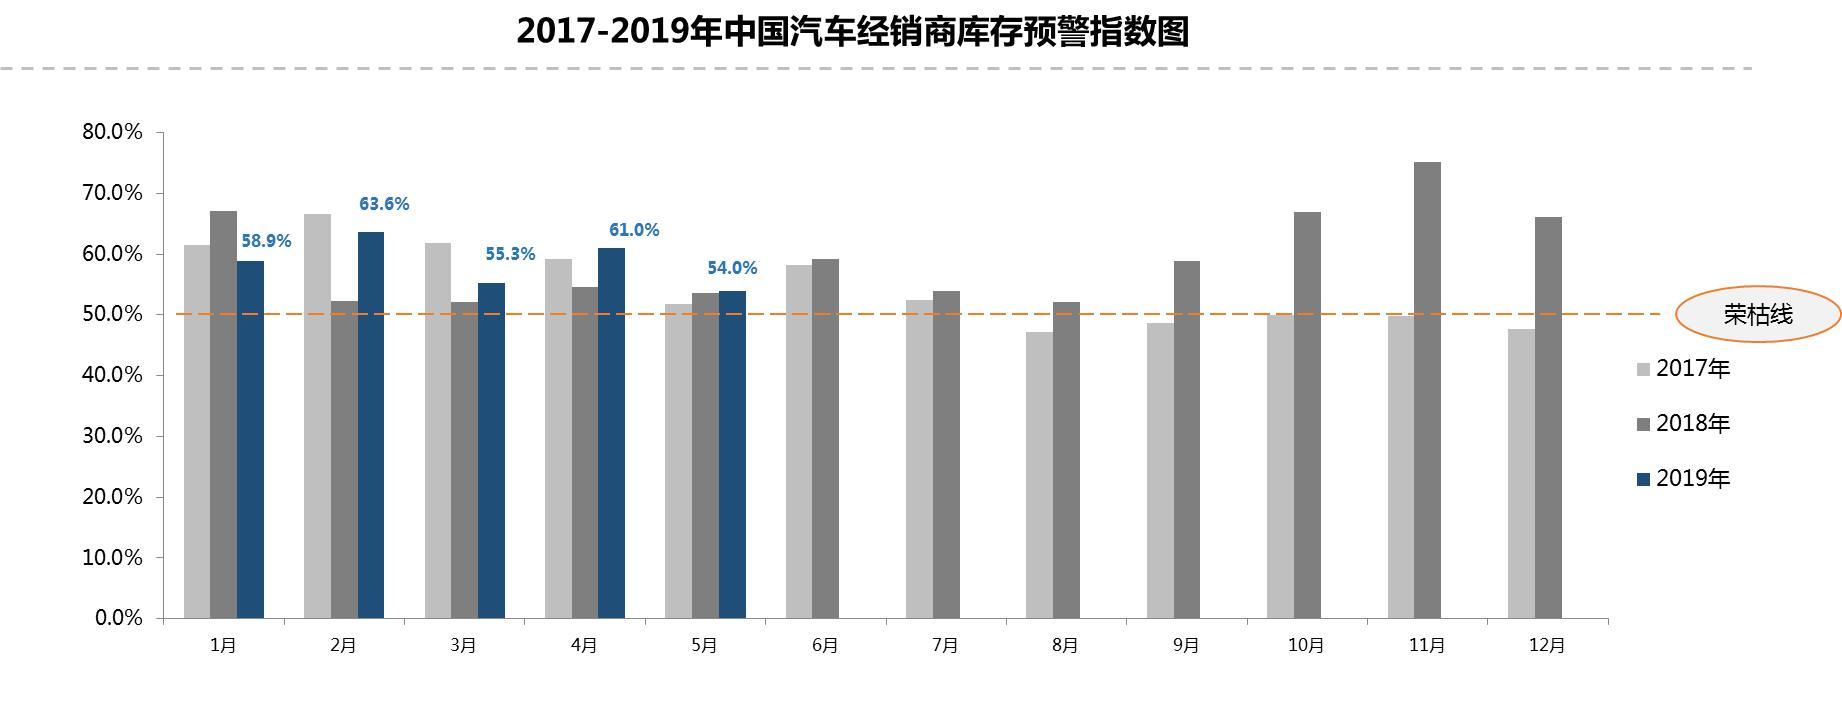 流通协会:5月经销商库存预警指数环比下降7%